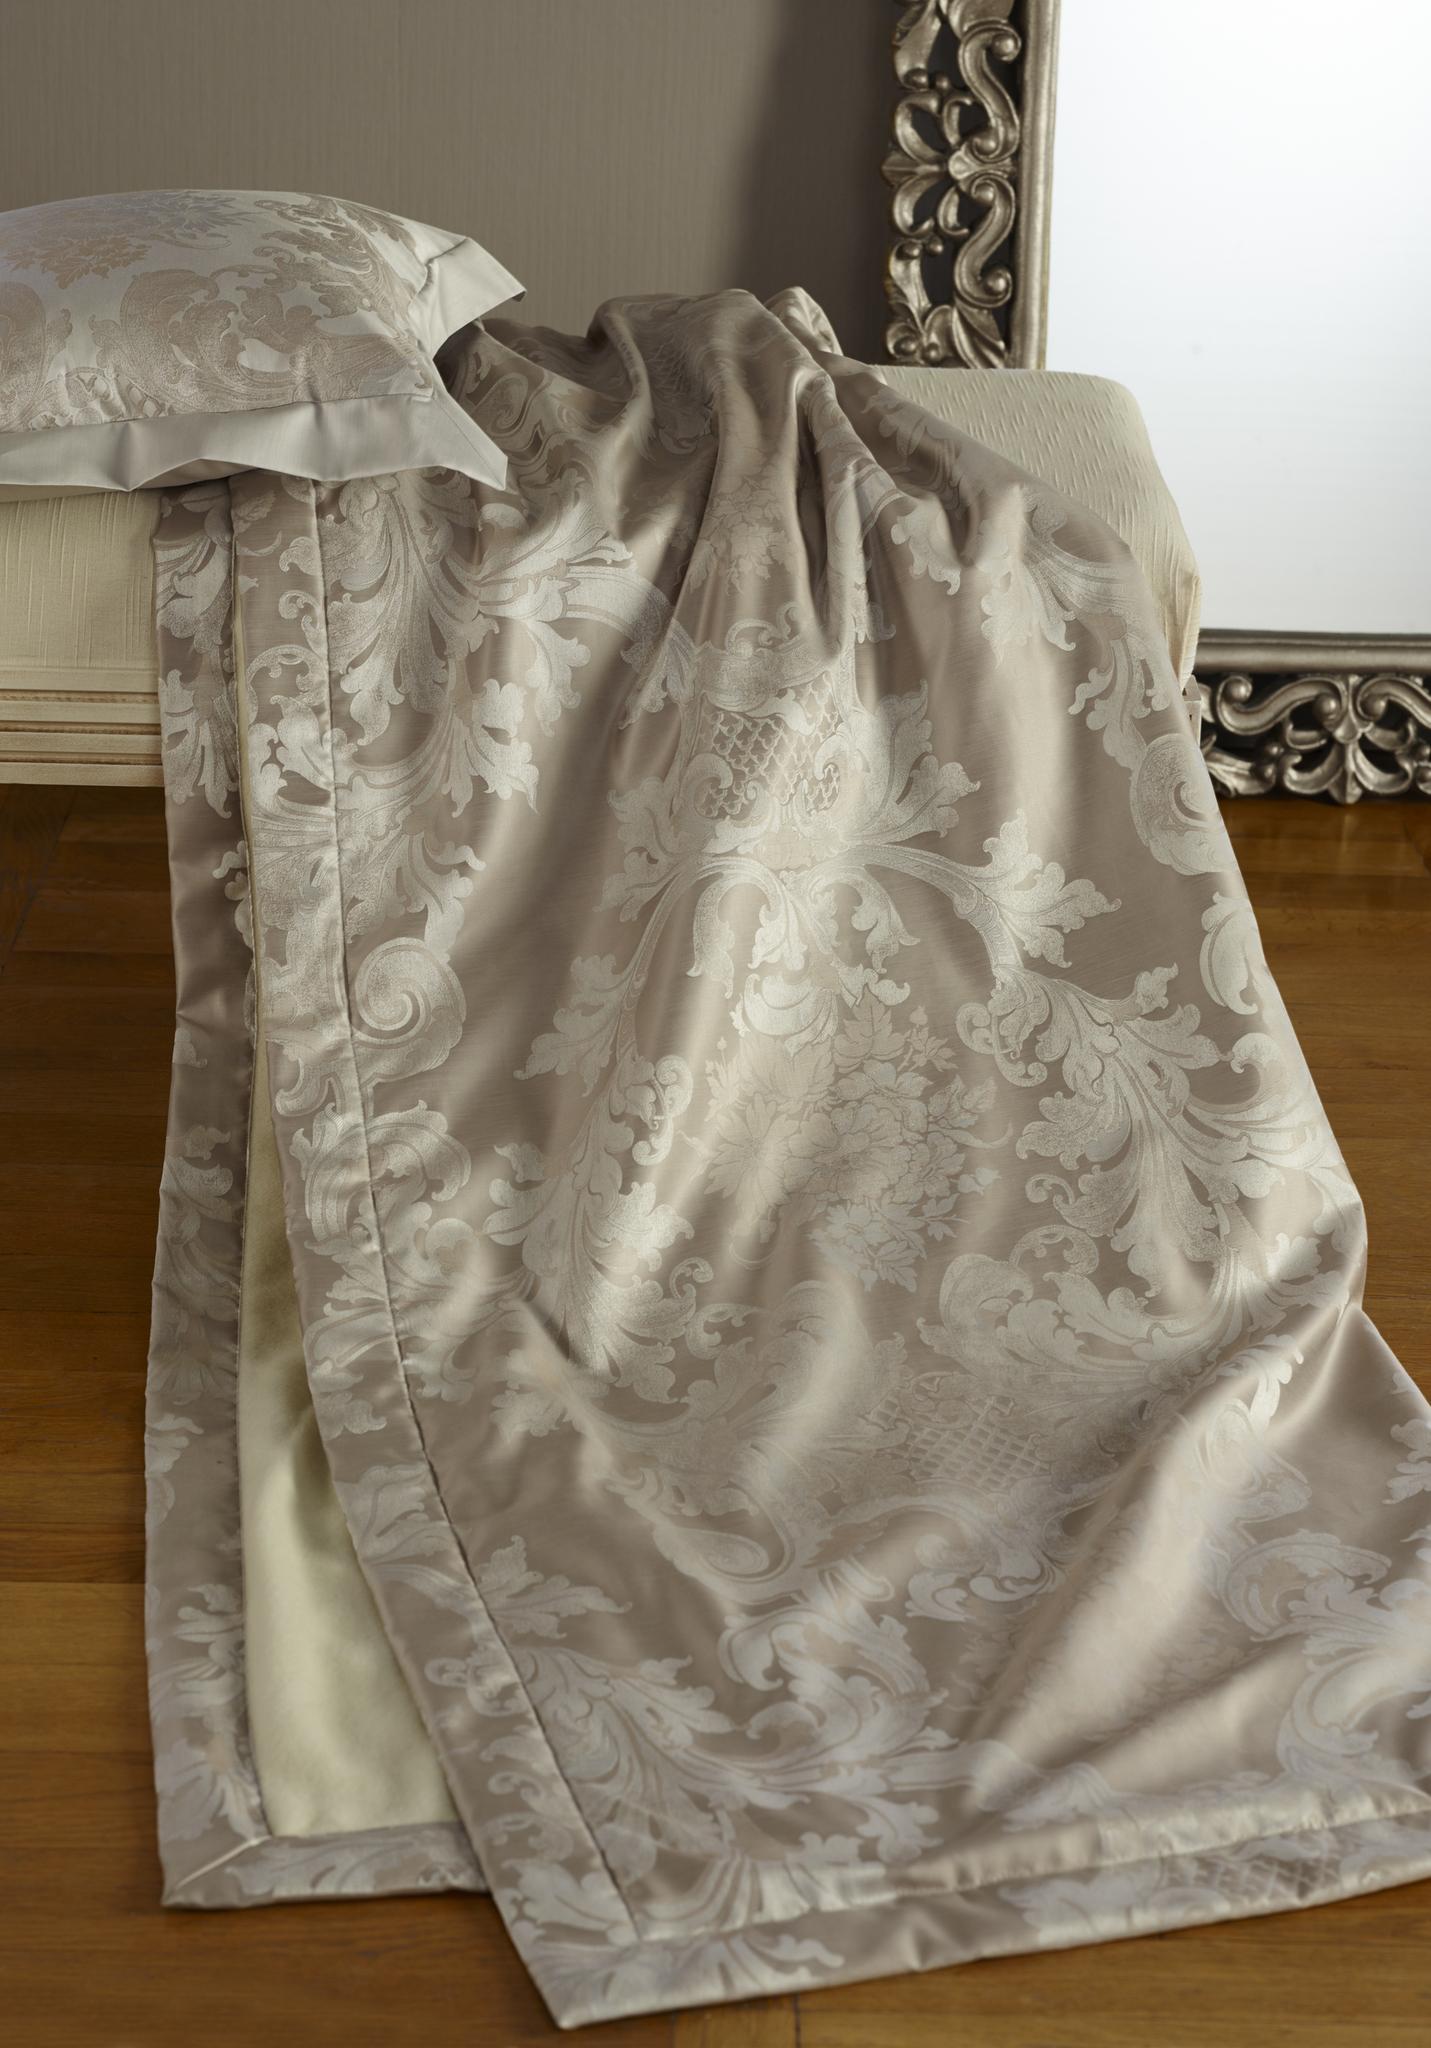 Пледы Плед 130х190 Curt Bauer Louis XIV серебристый elitnyy-pled-louis-xiv-serebryanyy-ot-curt-bauer-germaniya.jpg